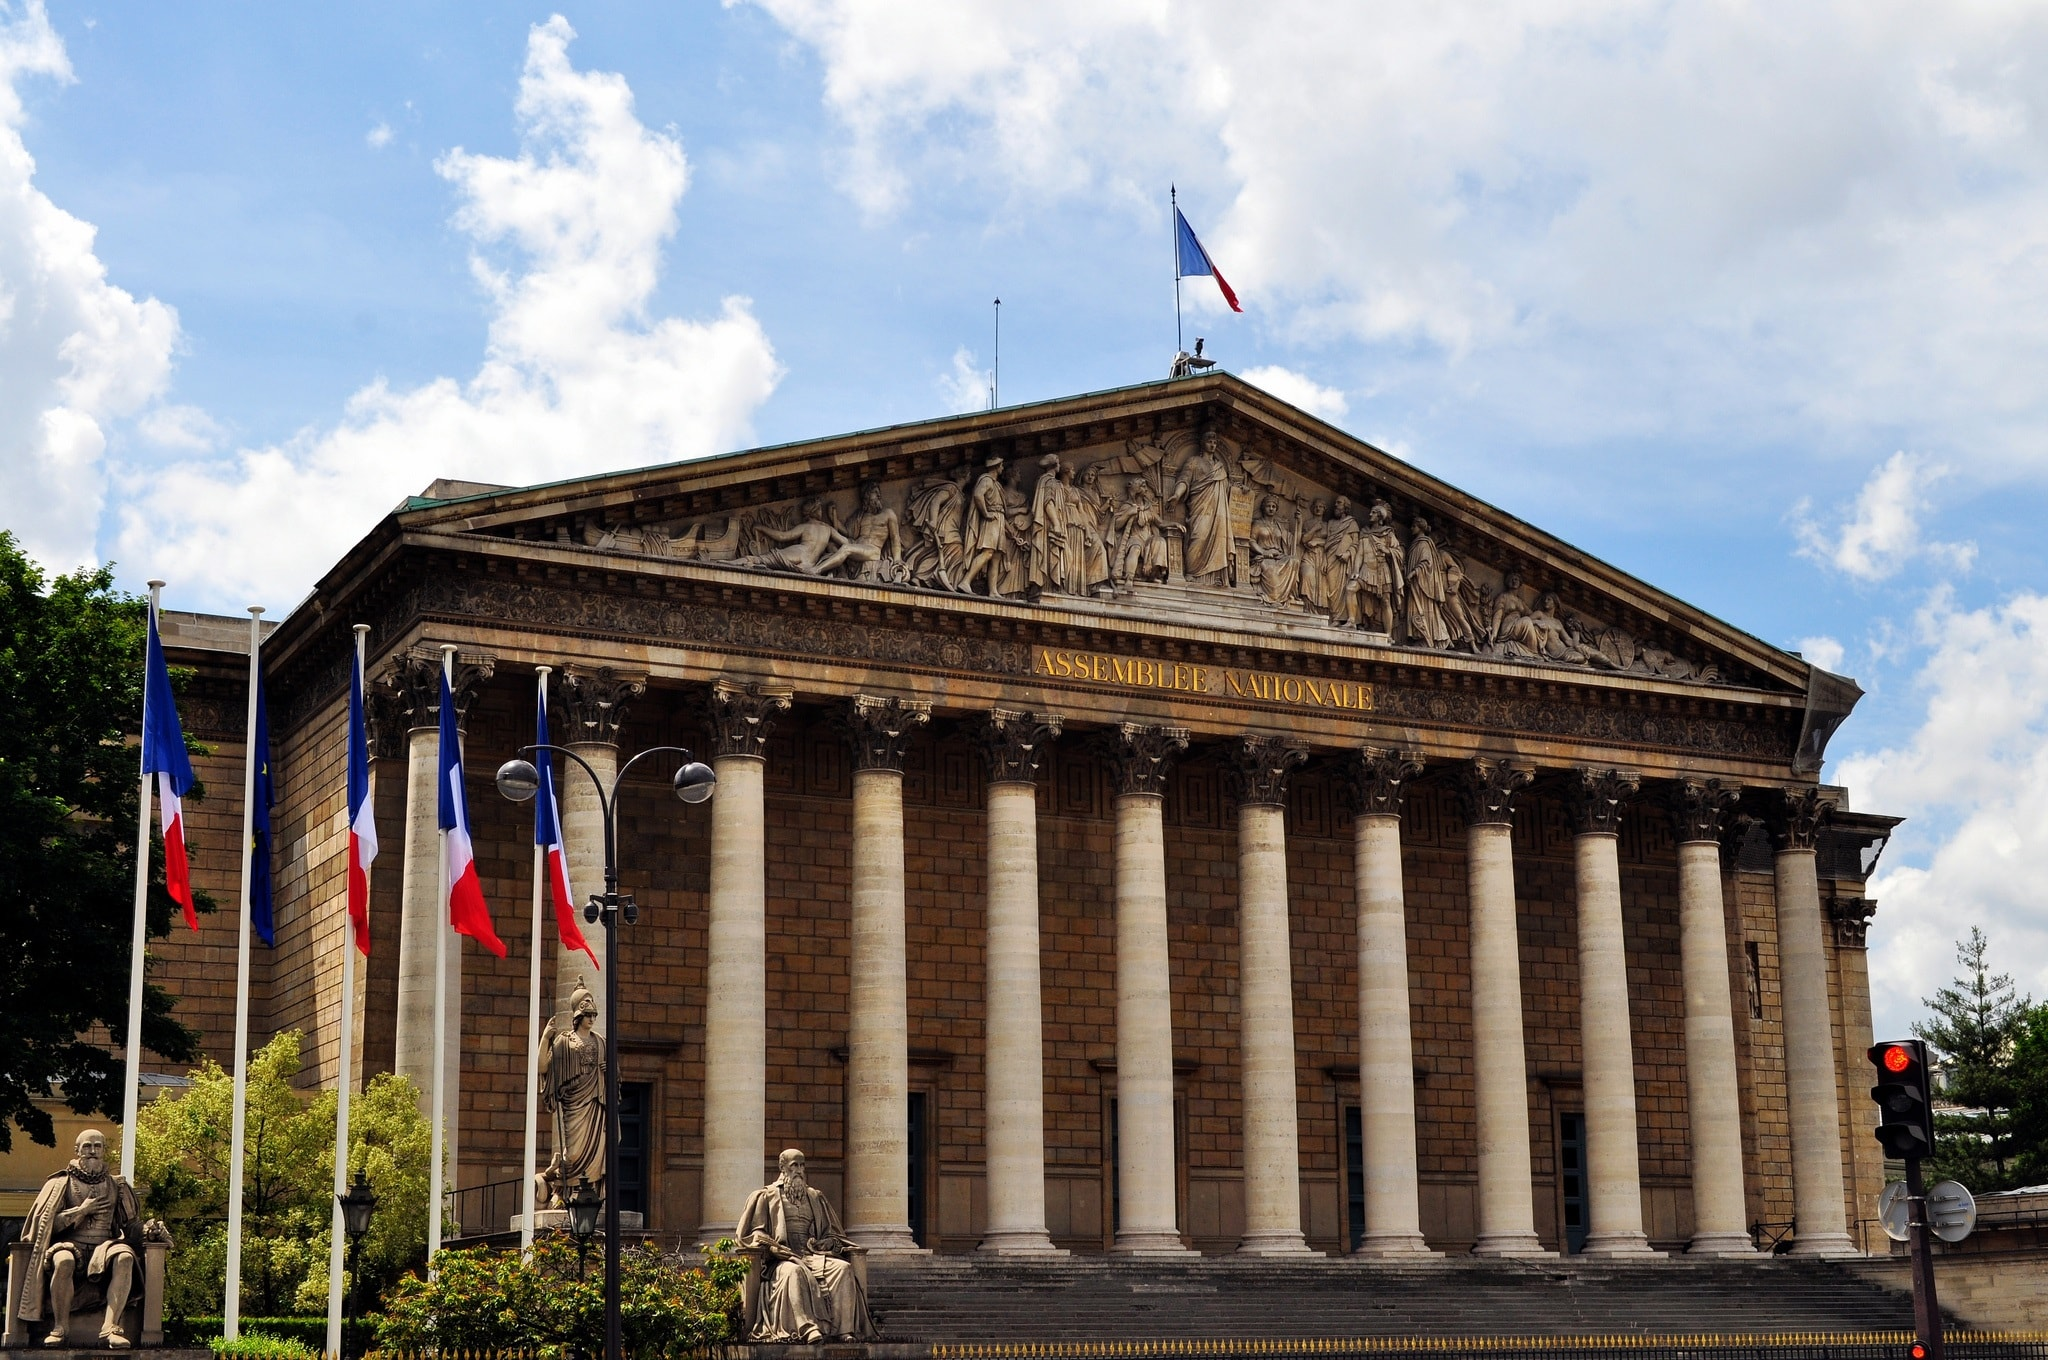 عمارت مجلس ملی پاریس